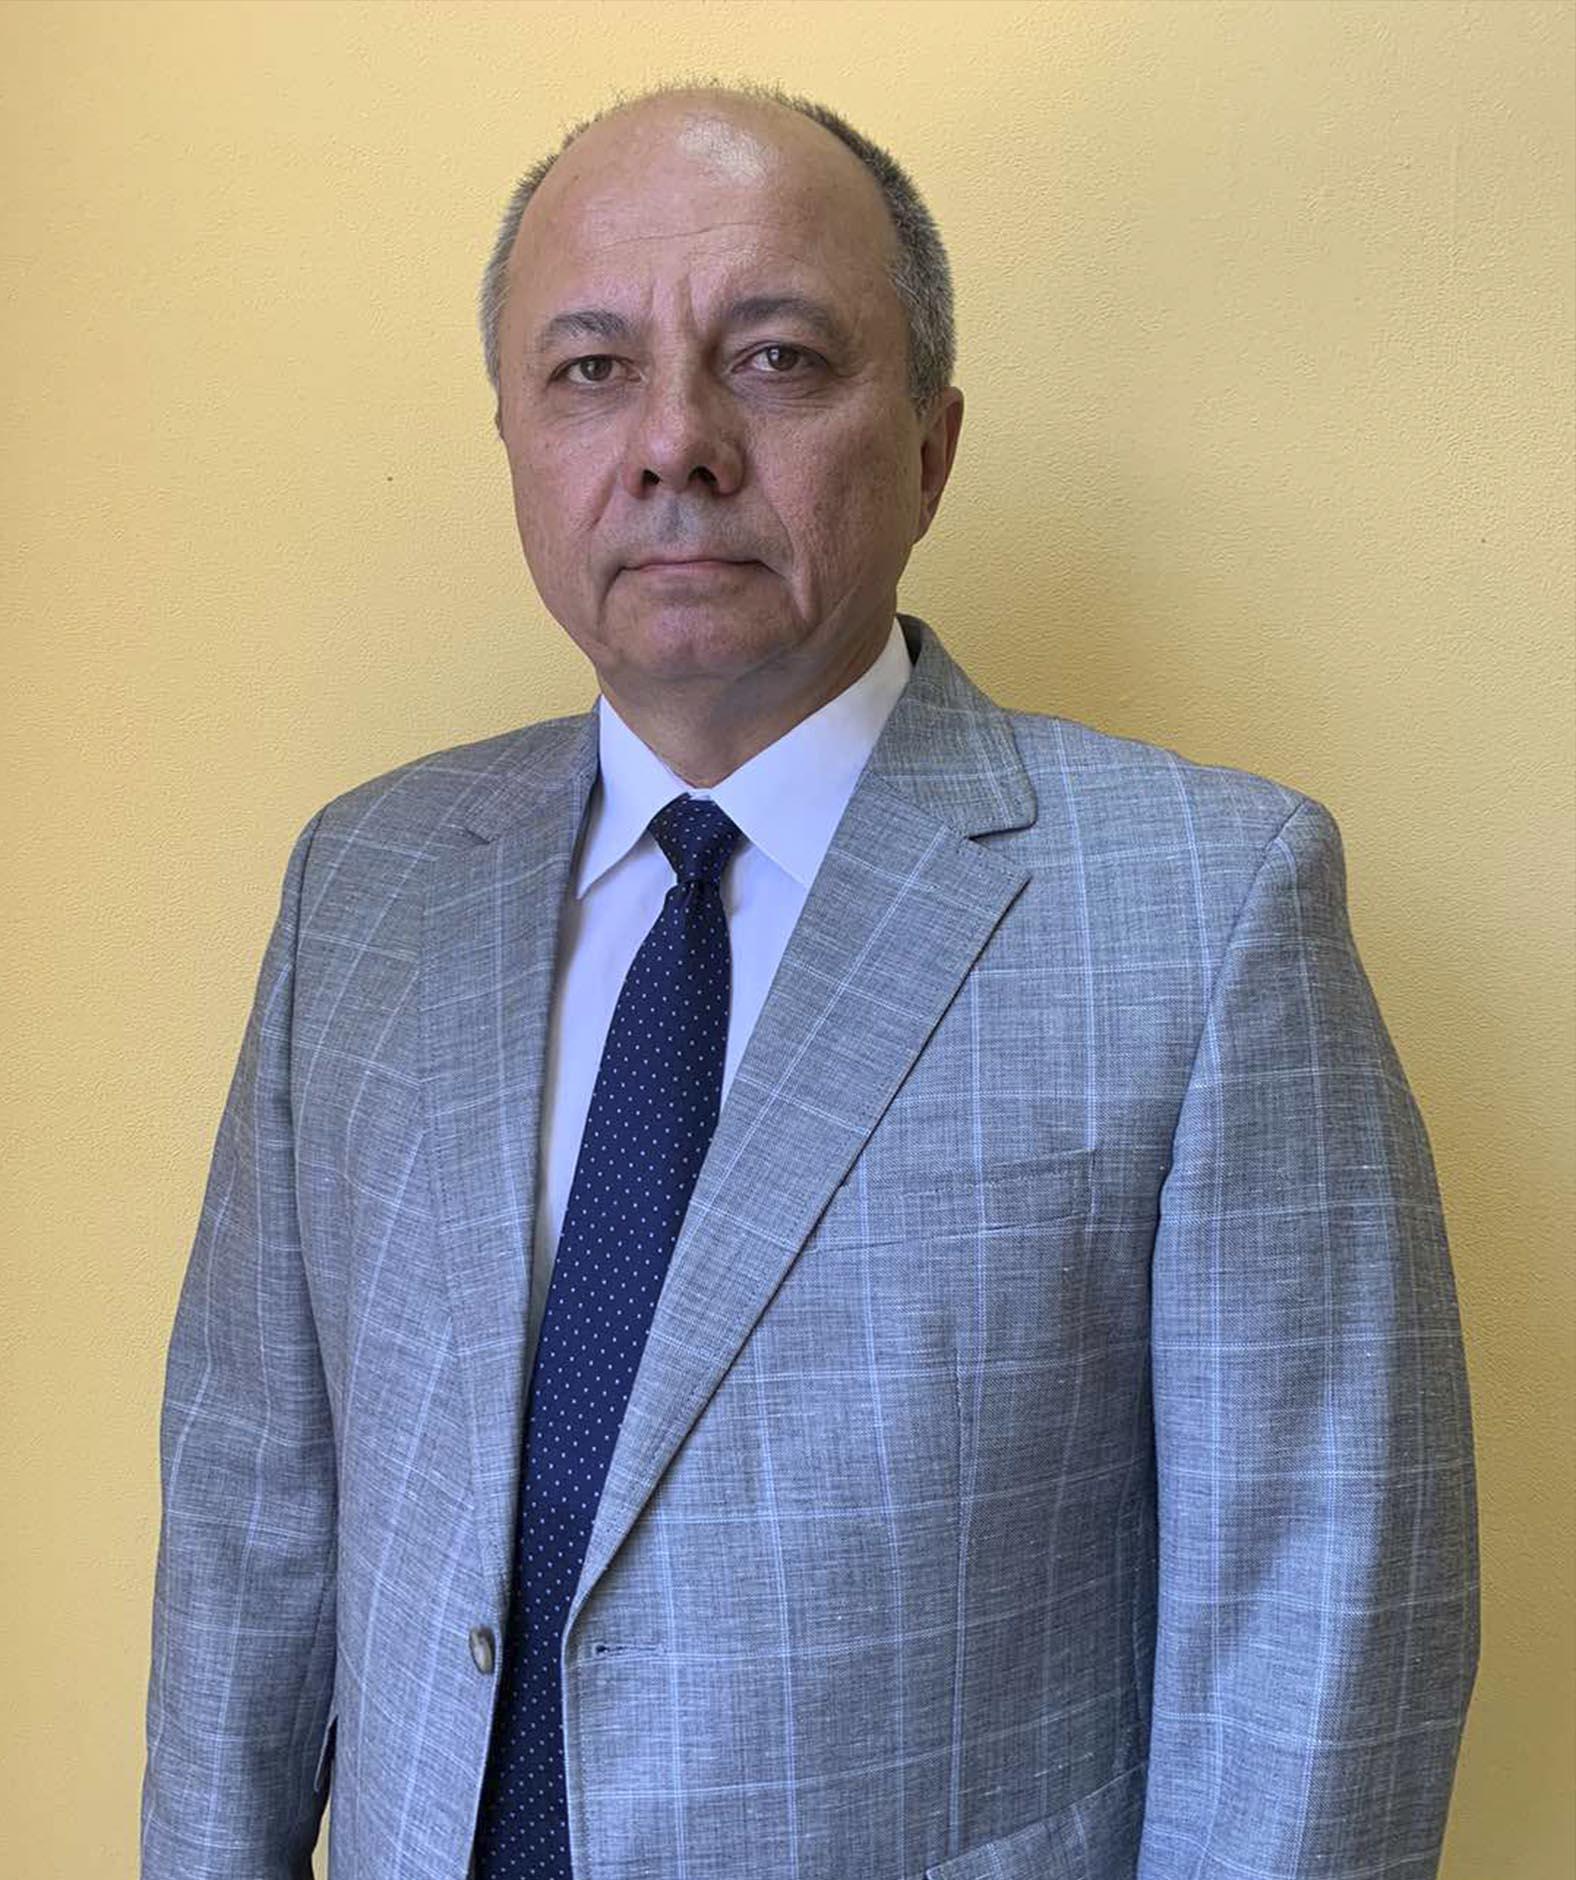 Генеральный директор ООО «БТФ-Колтюбинг»